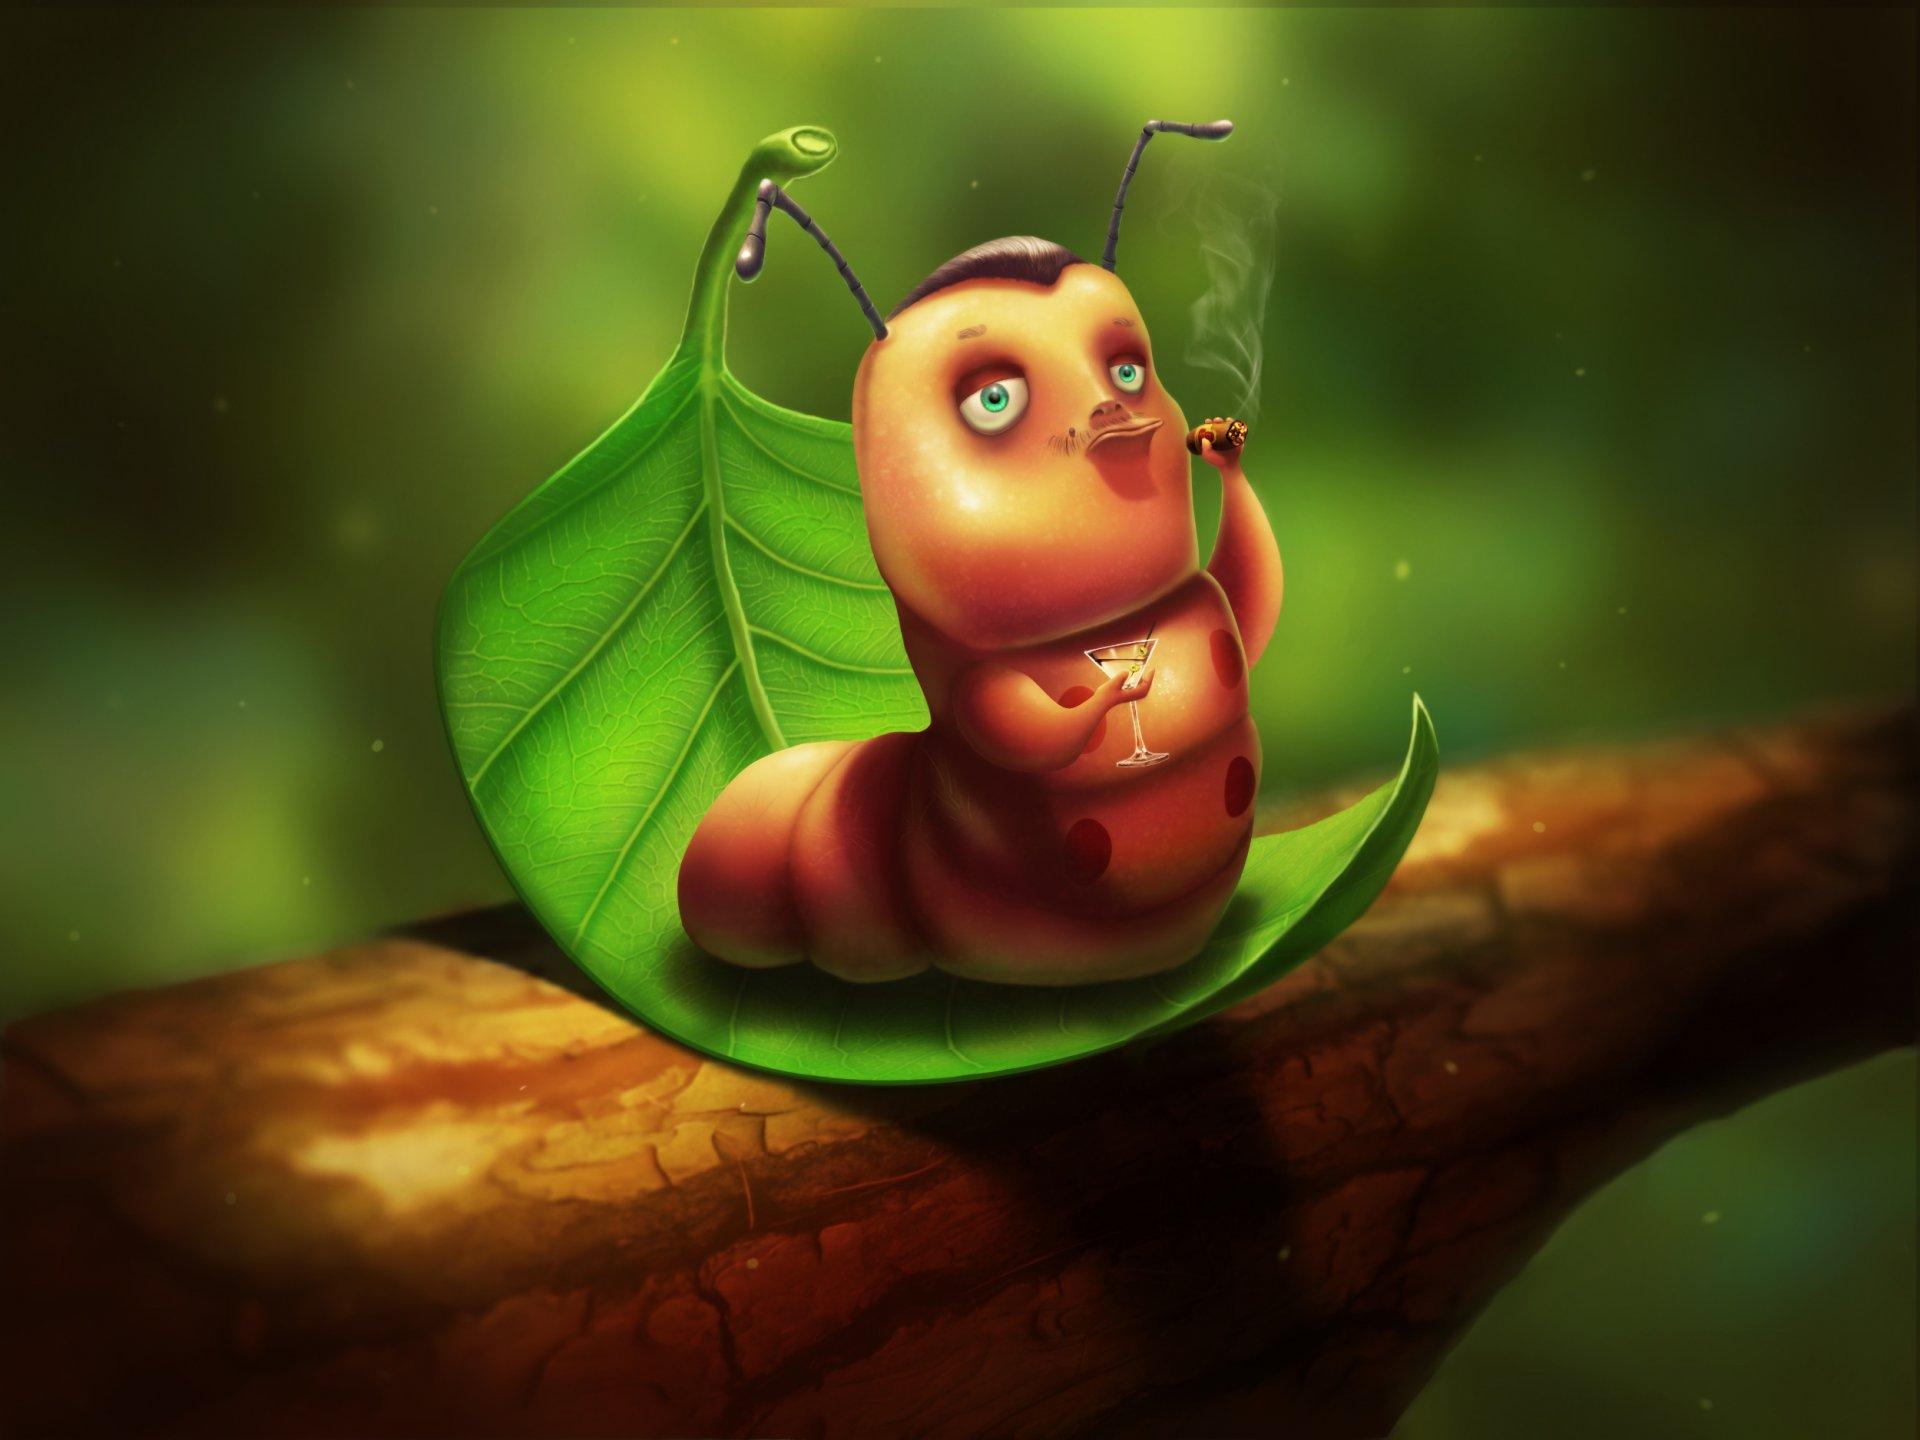 Картинки гусеницы прикольные, кому-то